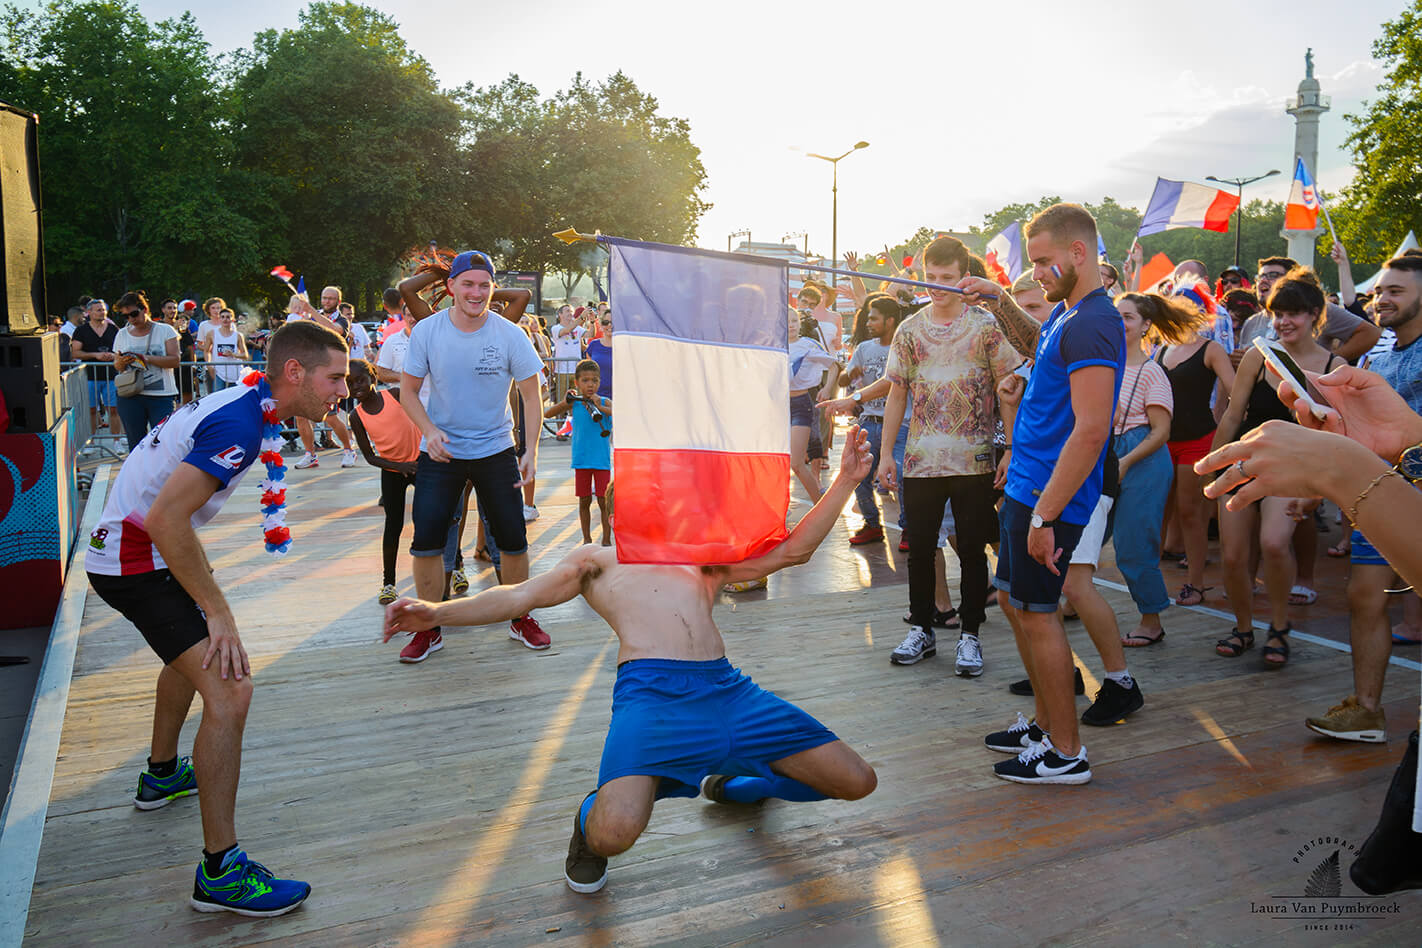 Photographie de reportage de Dansons Sur Les Quais par Laura Van Puymbroeck